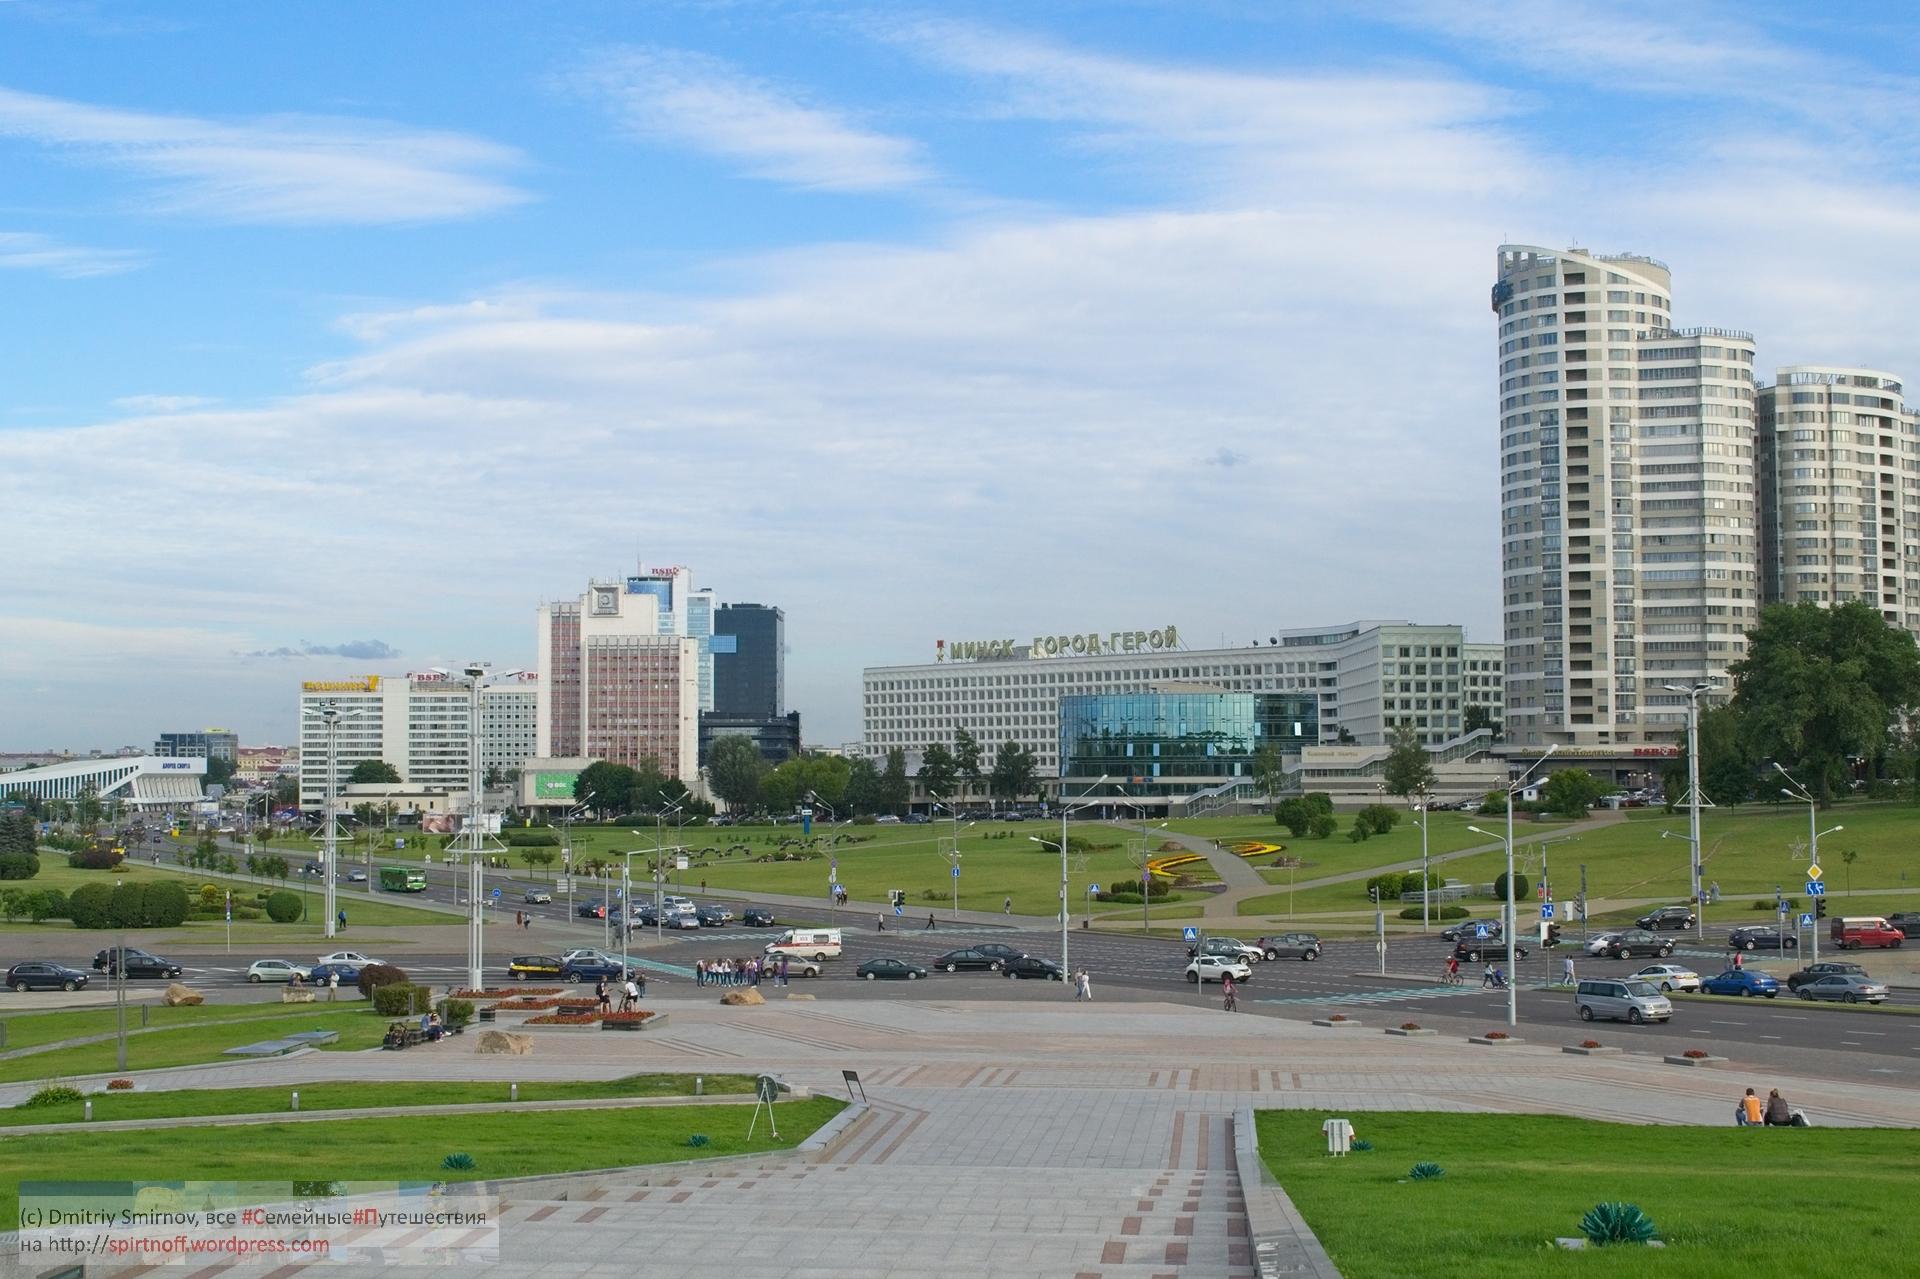 DSC_7057-79-Blog-30 Путешествия  Минск. Музей Великой Отечественной Войны и Парк Победы